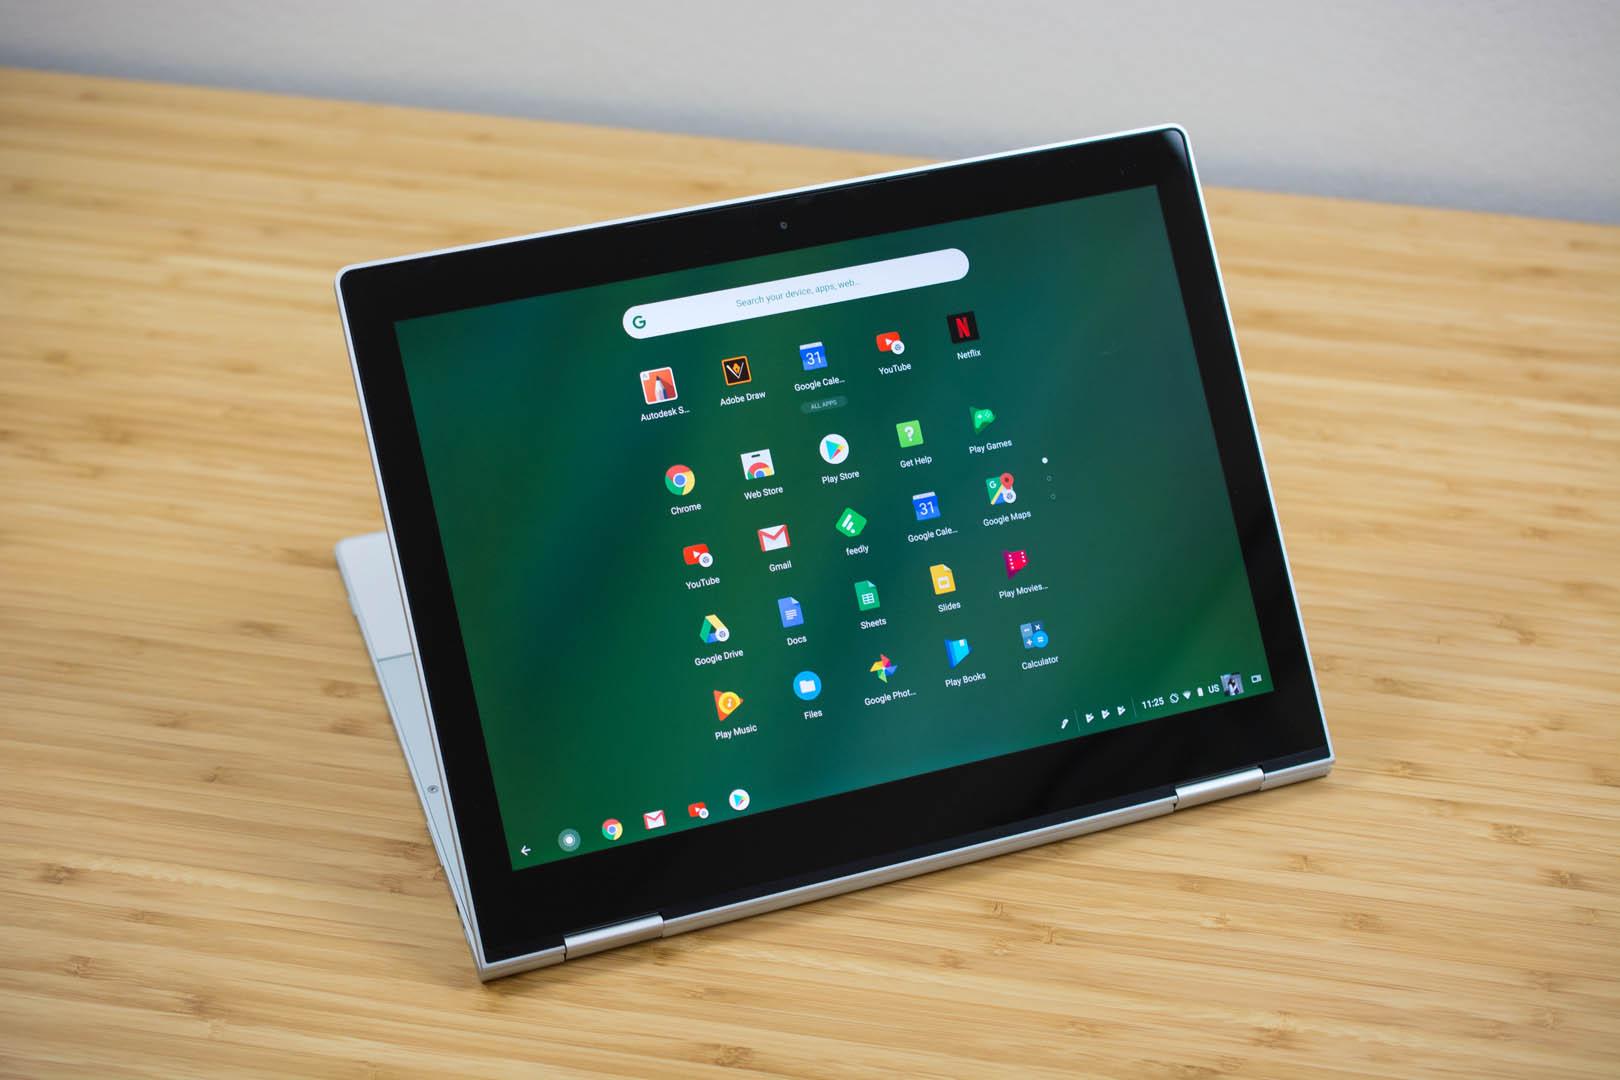 جوجل تبرم شراكة مع Parallels لجلب تطبيقات الويندوز لنظام كروم